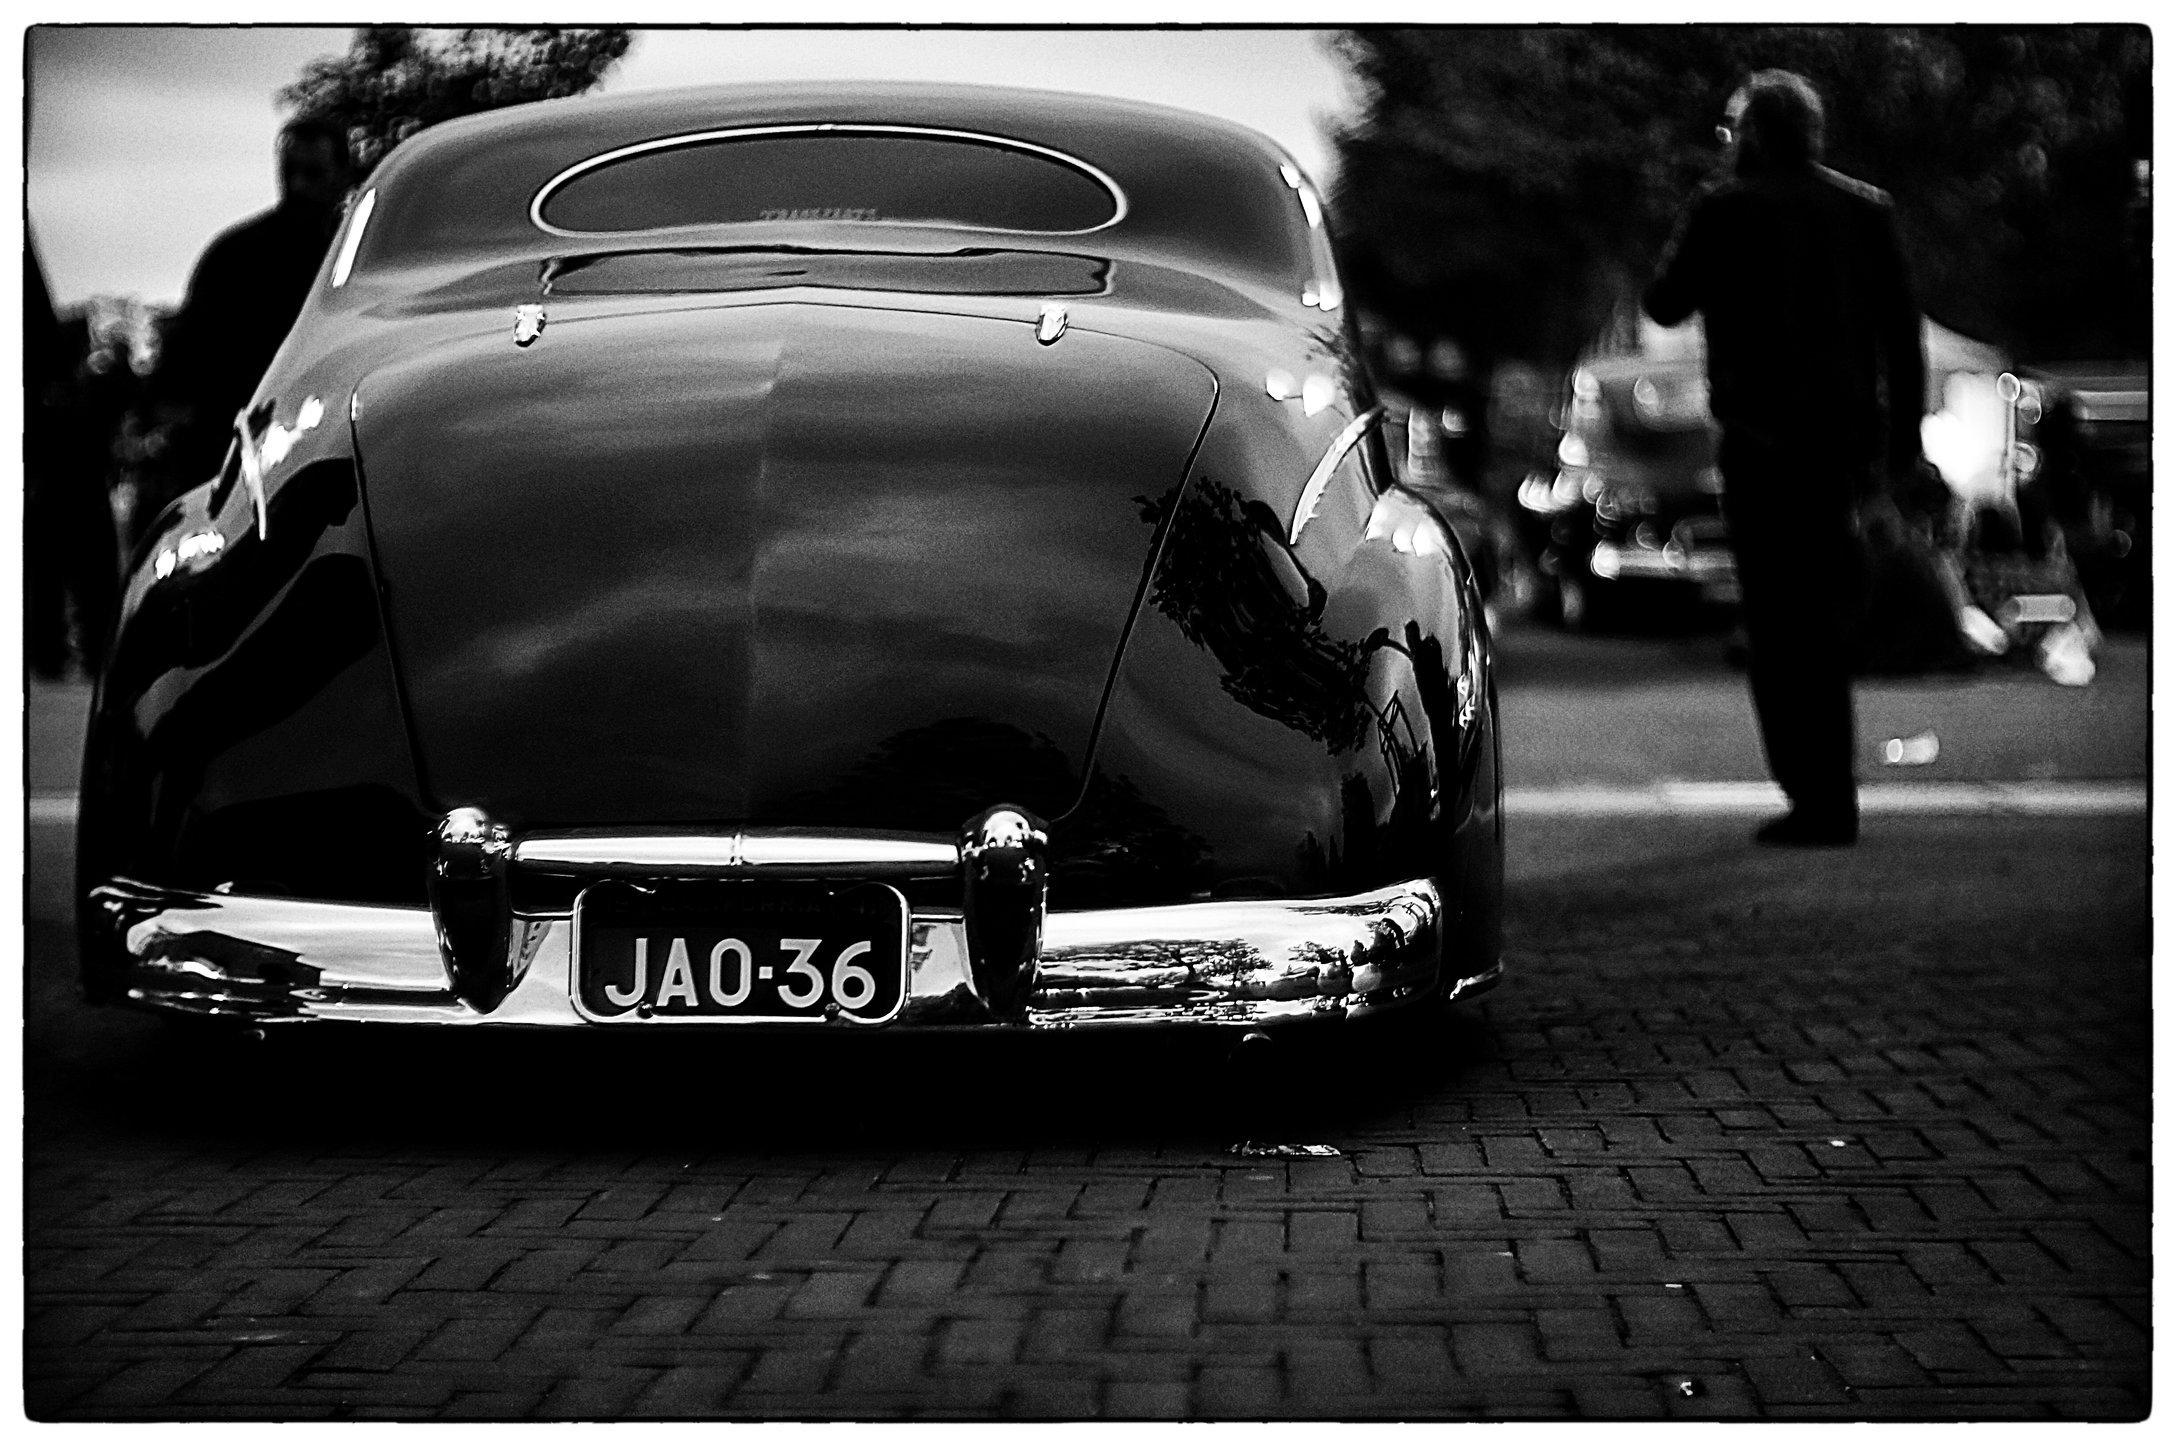 DSC00210_Snapseed.jpg